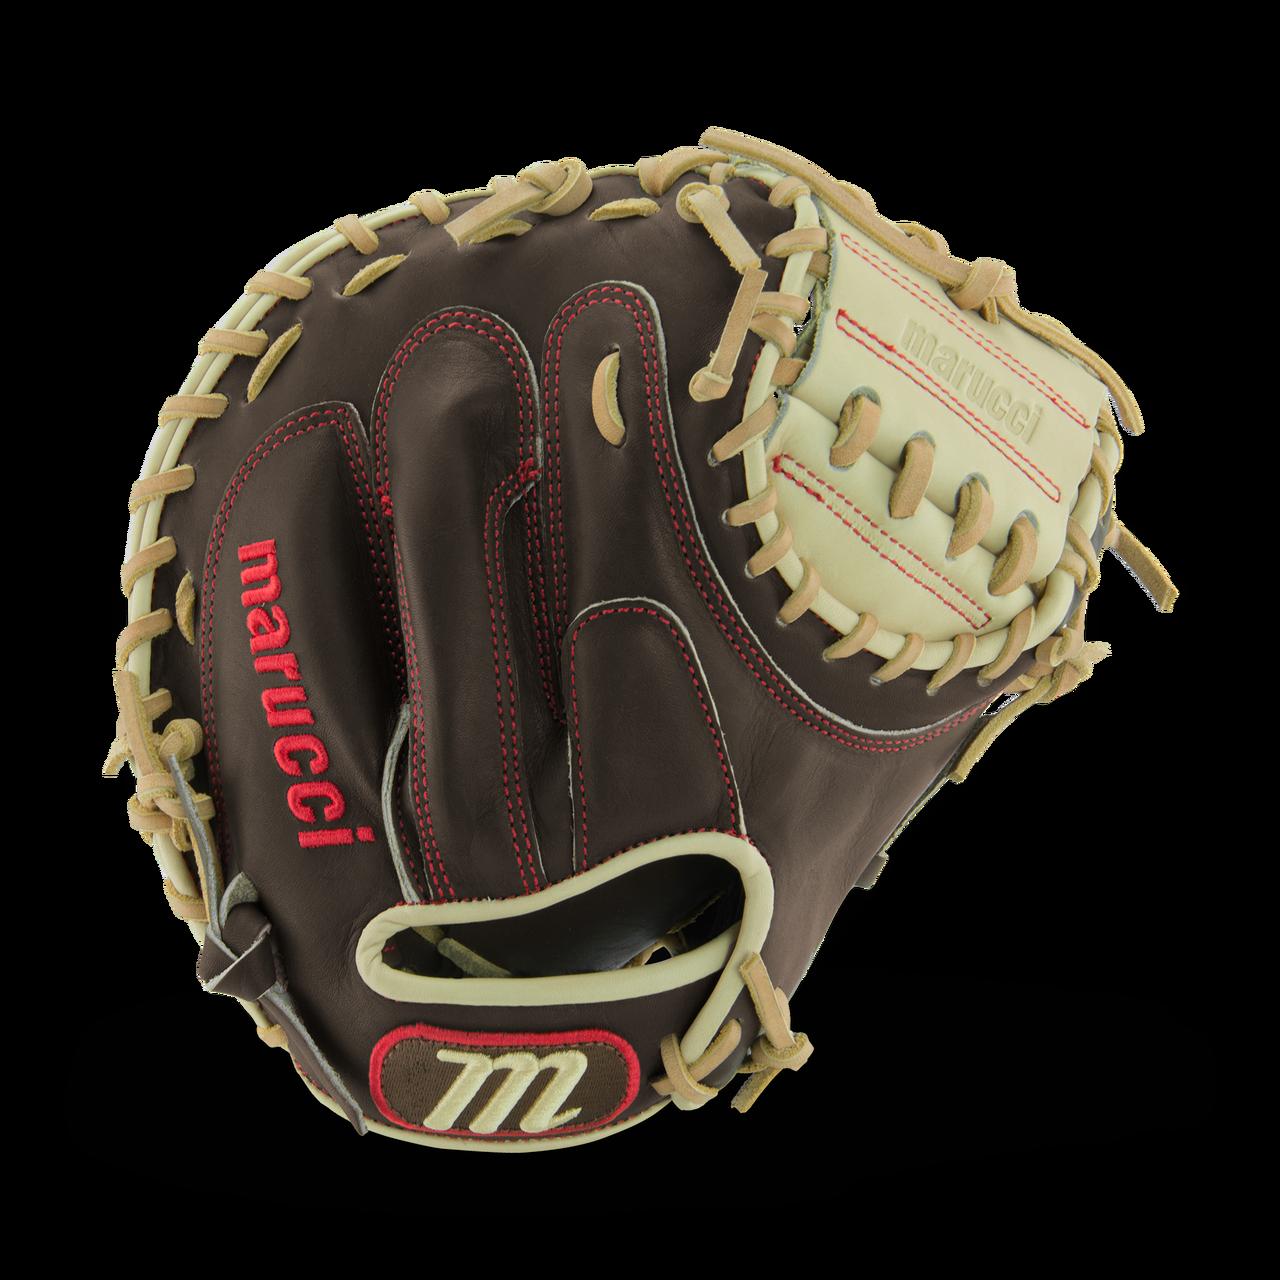 Br450 Series 325 Catchers Mitt Marucci Sports